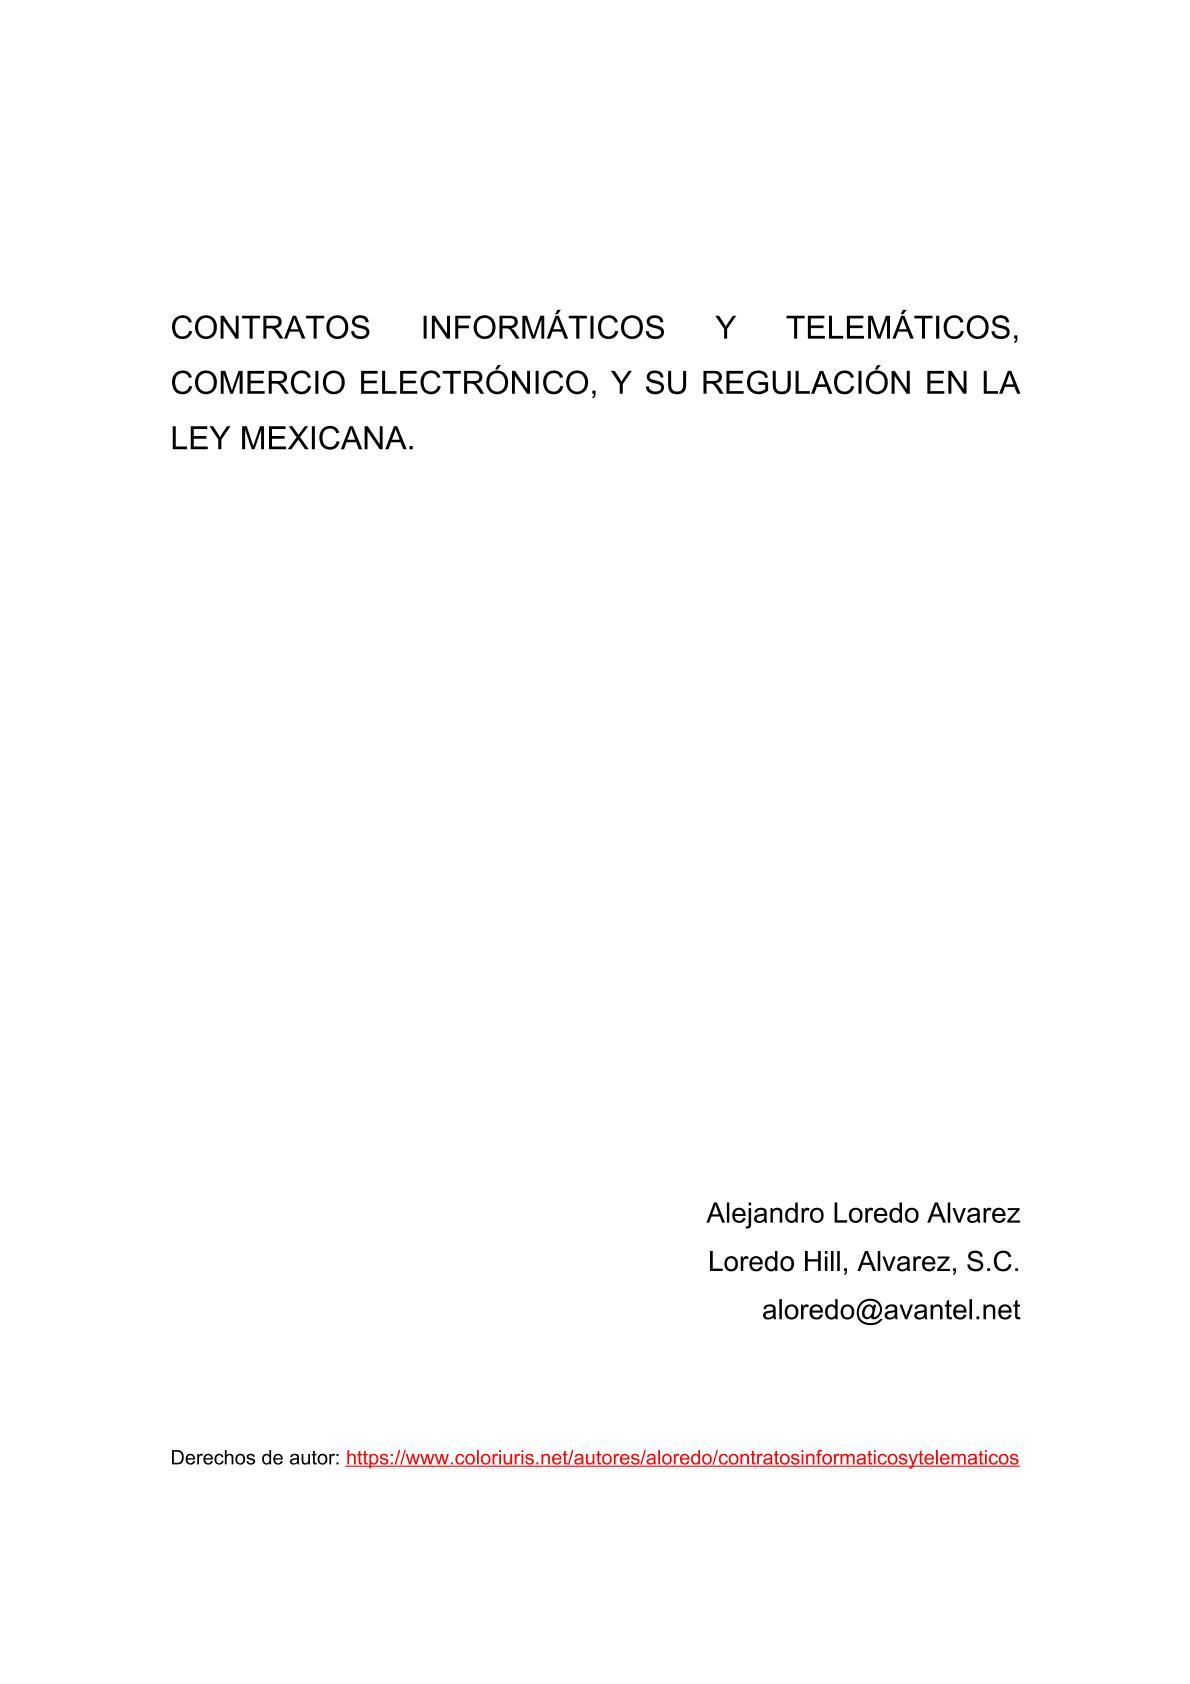 Contratos informáticos y telemáticos, comercio electrónico, y su regulación en la ley mexicana